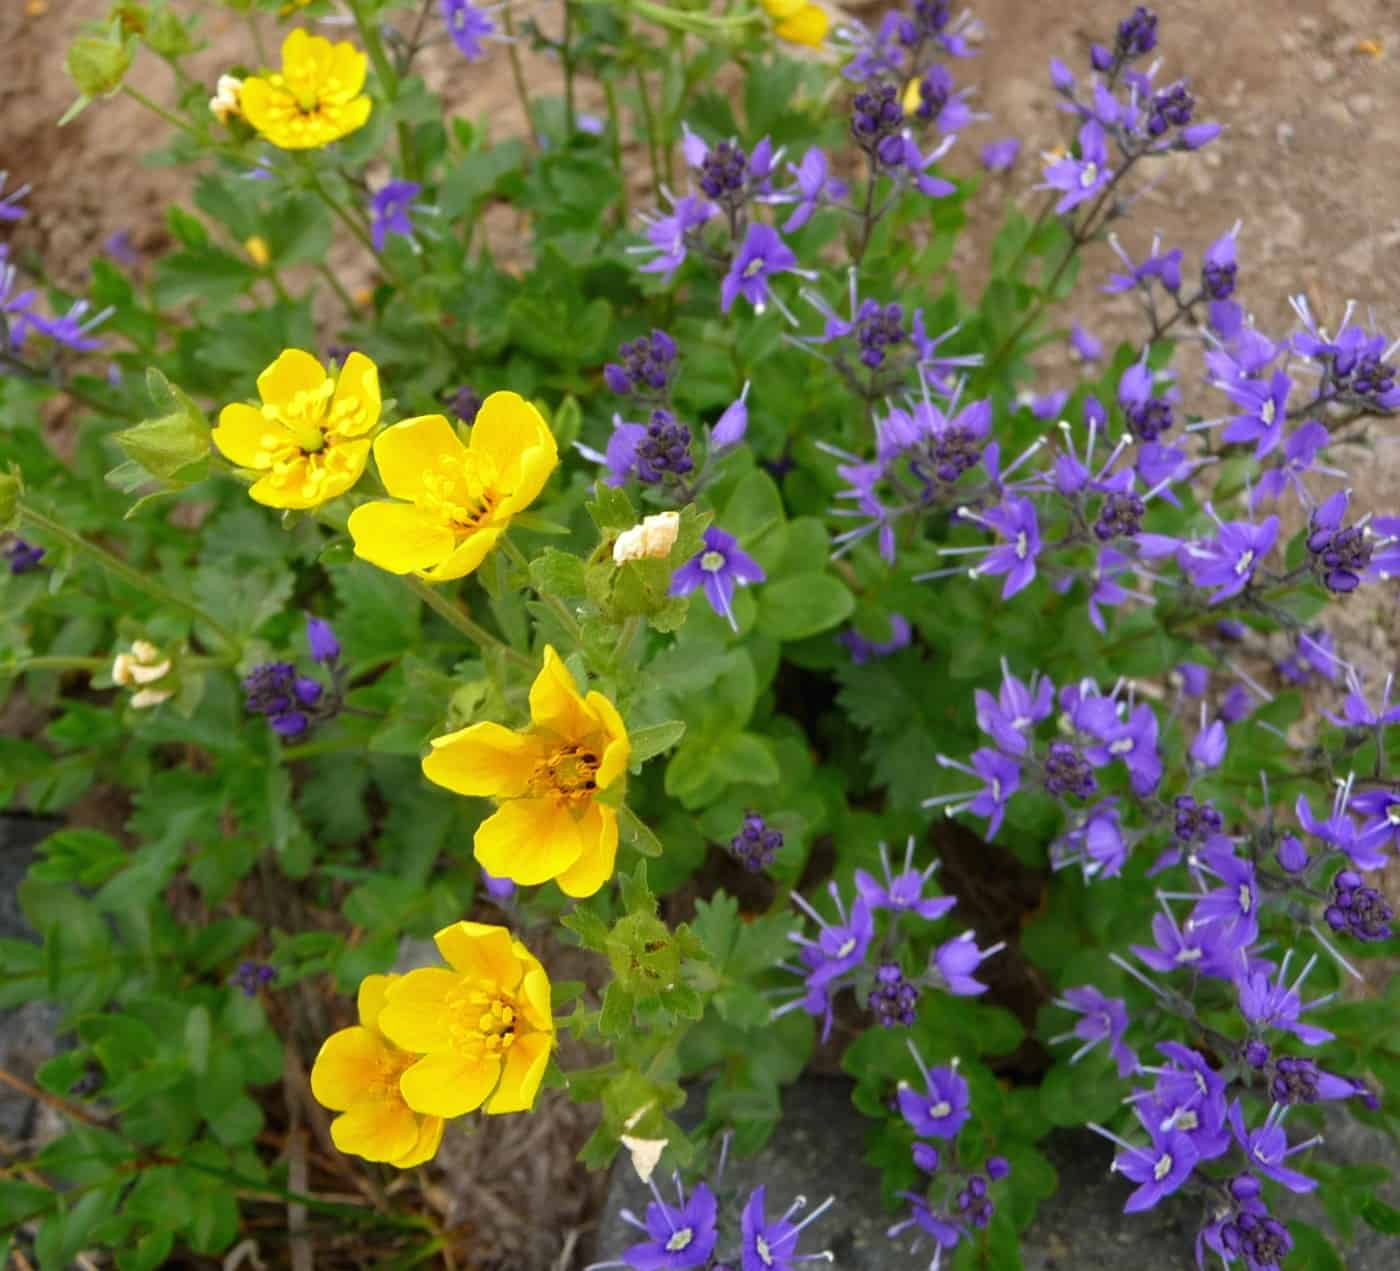 Bildergebnis für State Washington with beautiful flowers in September